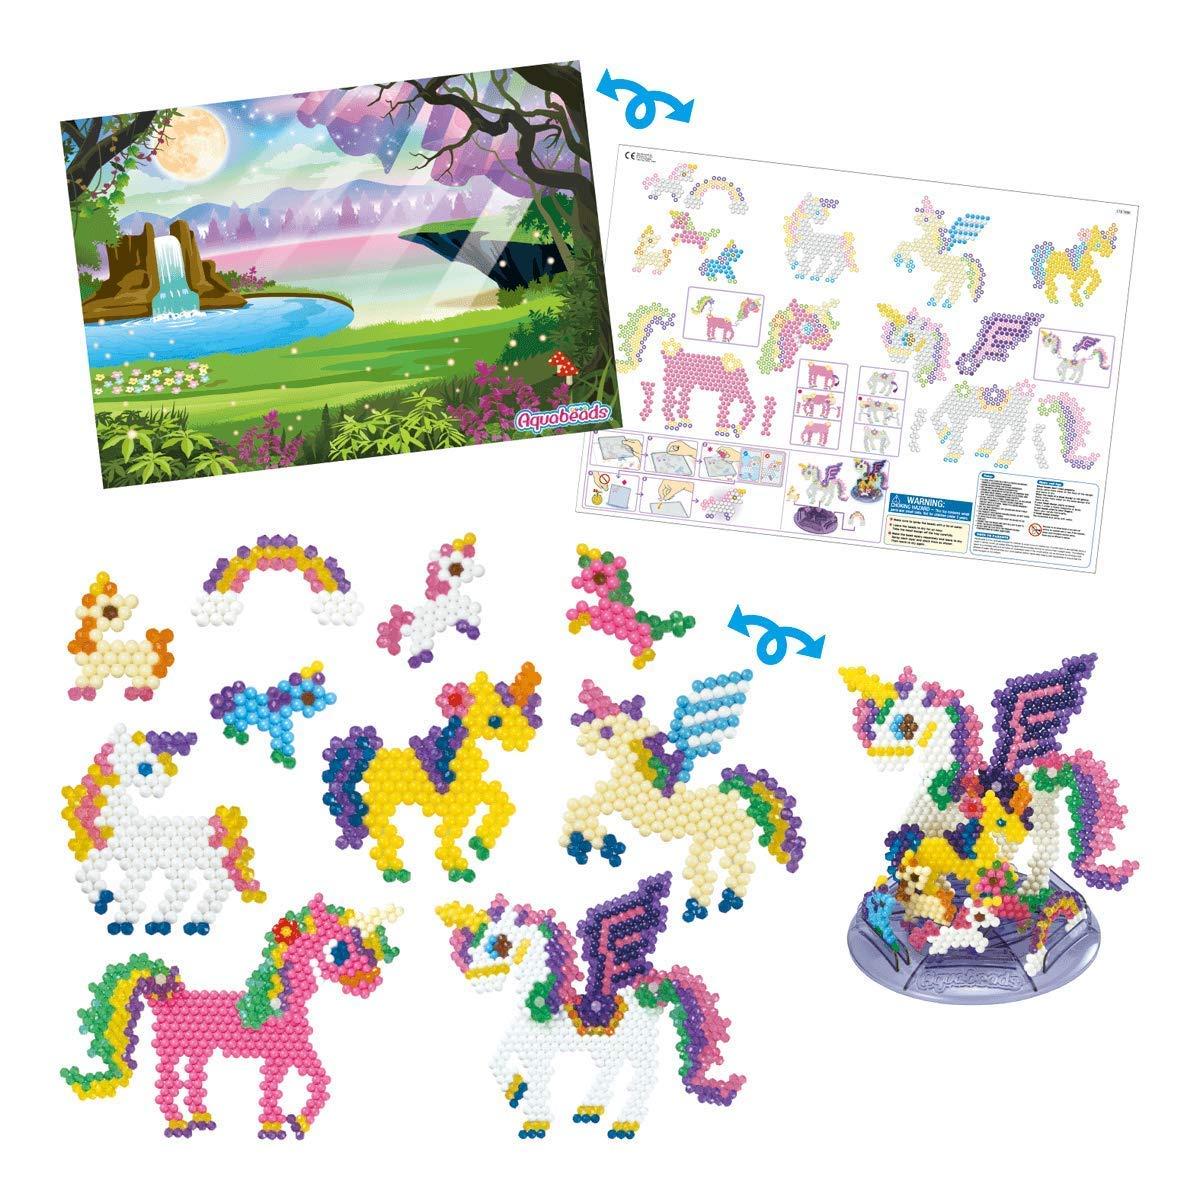 Aquabeads- Juego de Unicornio mágico, Color — (Epoch para Imaginar 31489): Amazon.es: Juguetes y juegos